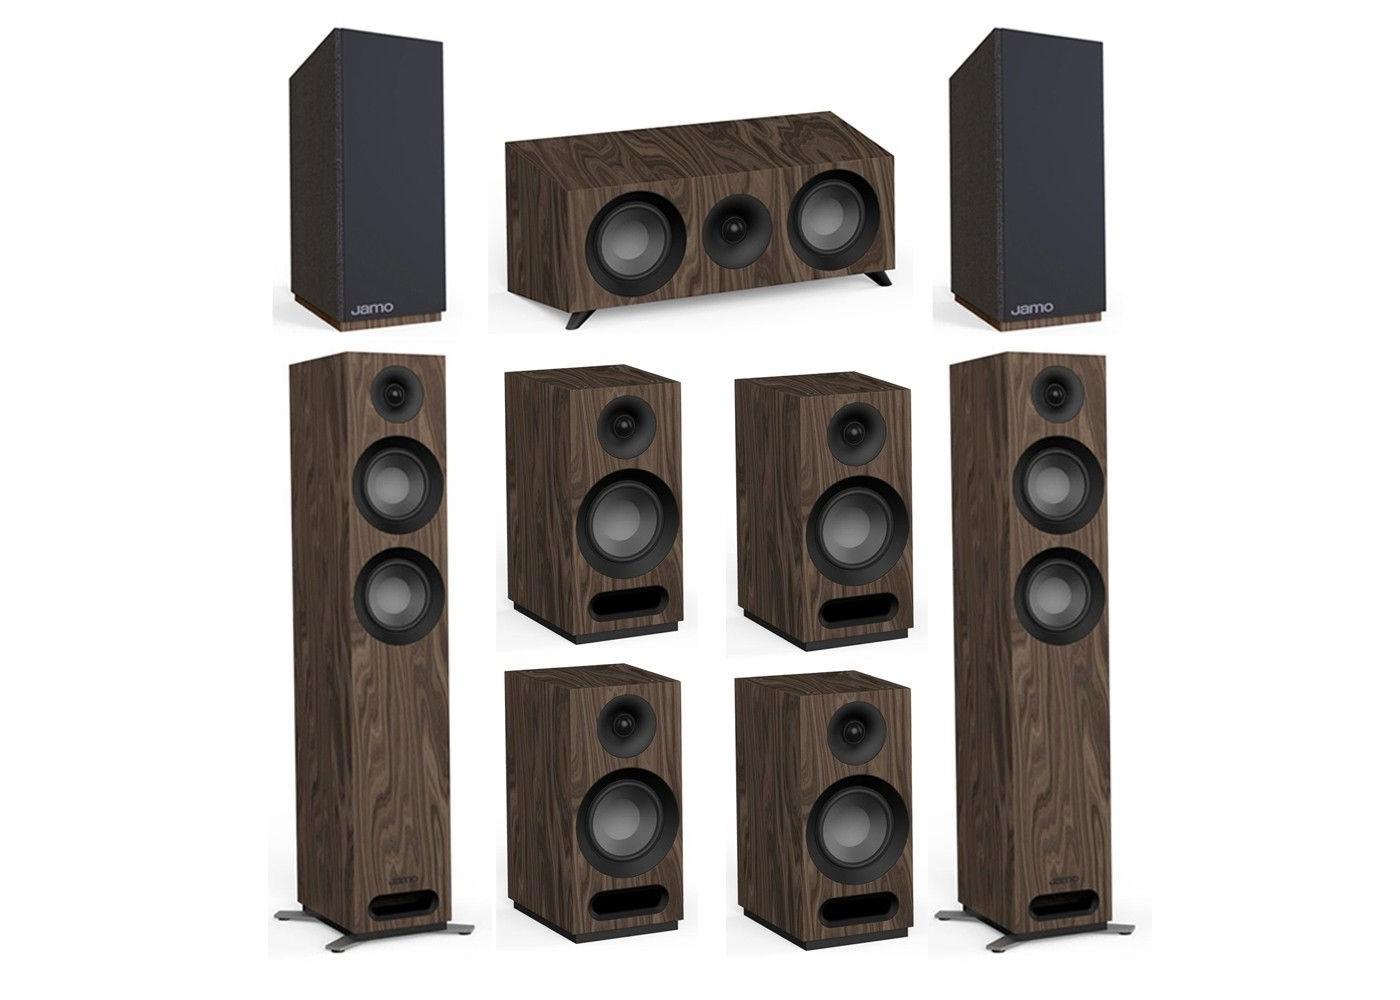 Jamo Studio Series 7 2 Walnut System with 2 Jamo S 807 Floorstanding  Speakers, 1 Jamo S 83 Center Speaker, 4 S 803 Bookshelf Speakers, 2 Jamo S  810